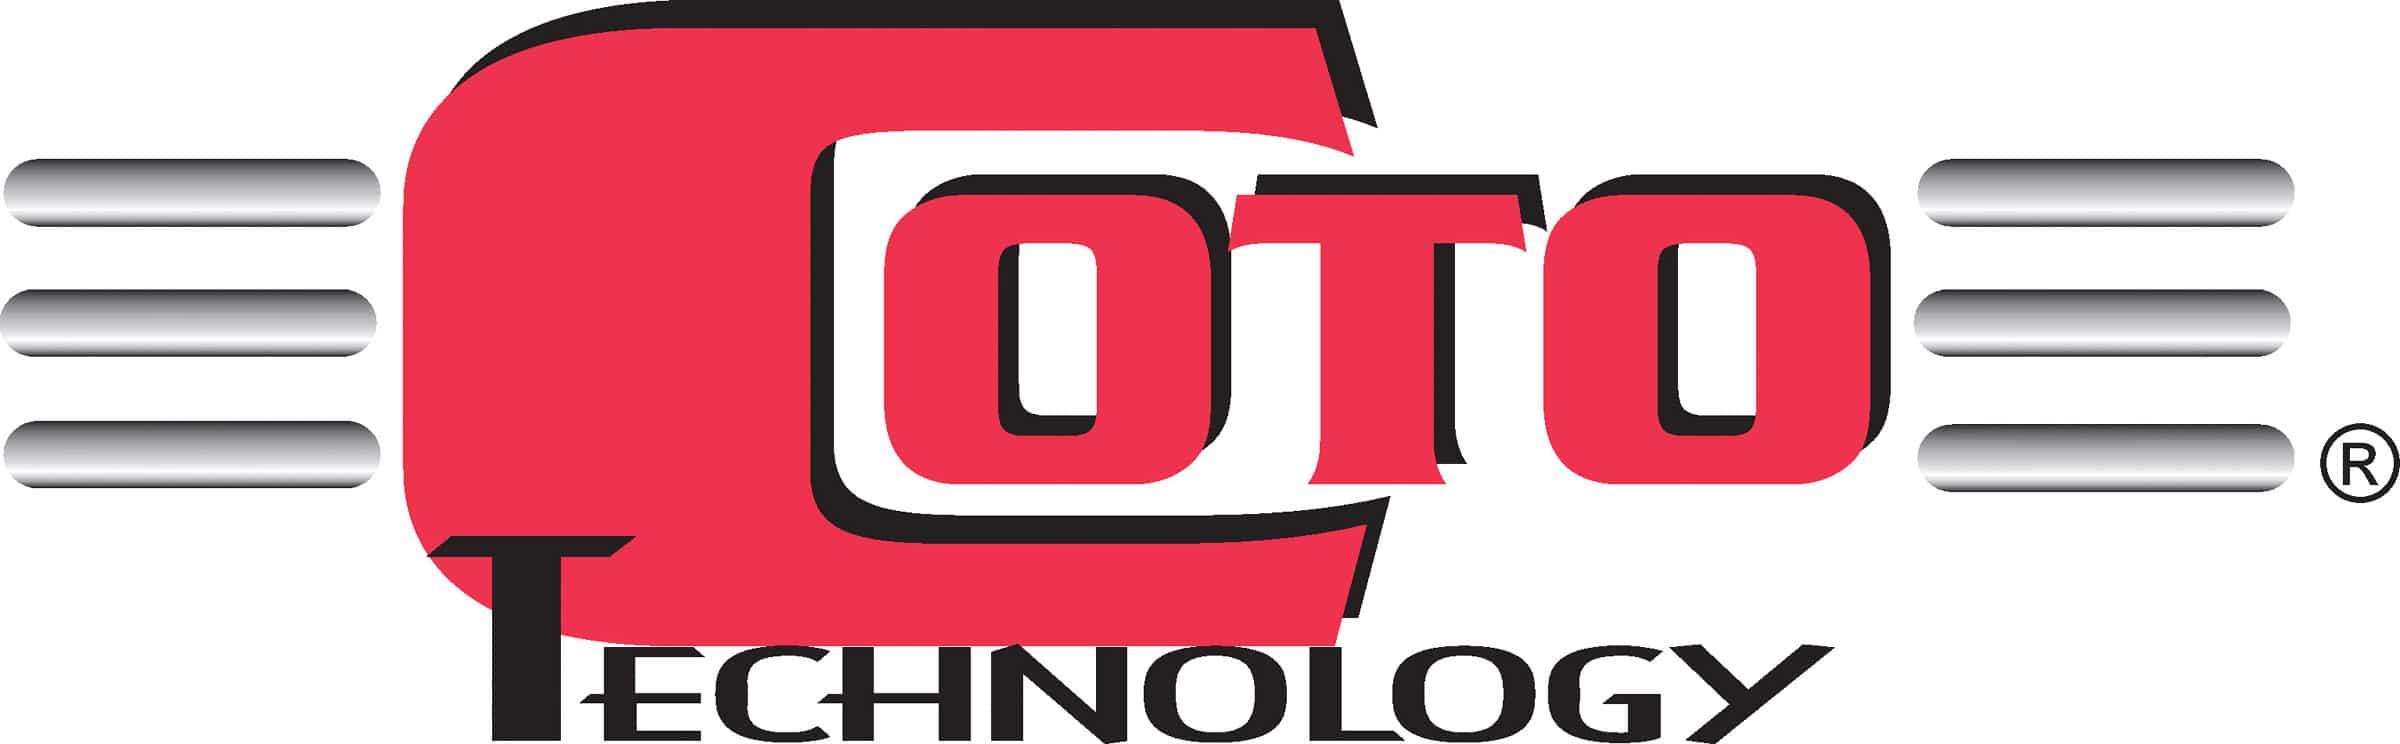 Coto Technology Company Logo 2020